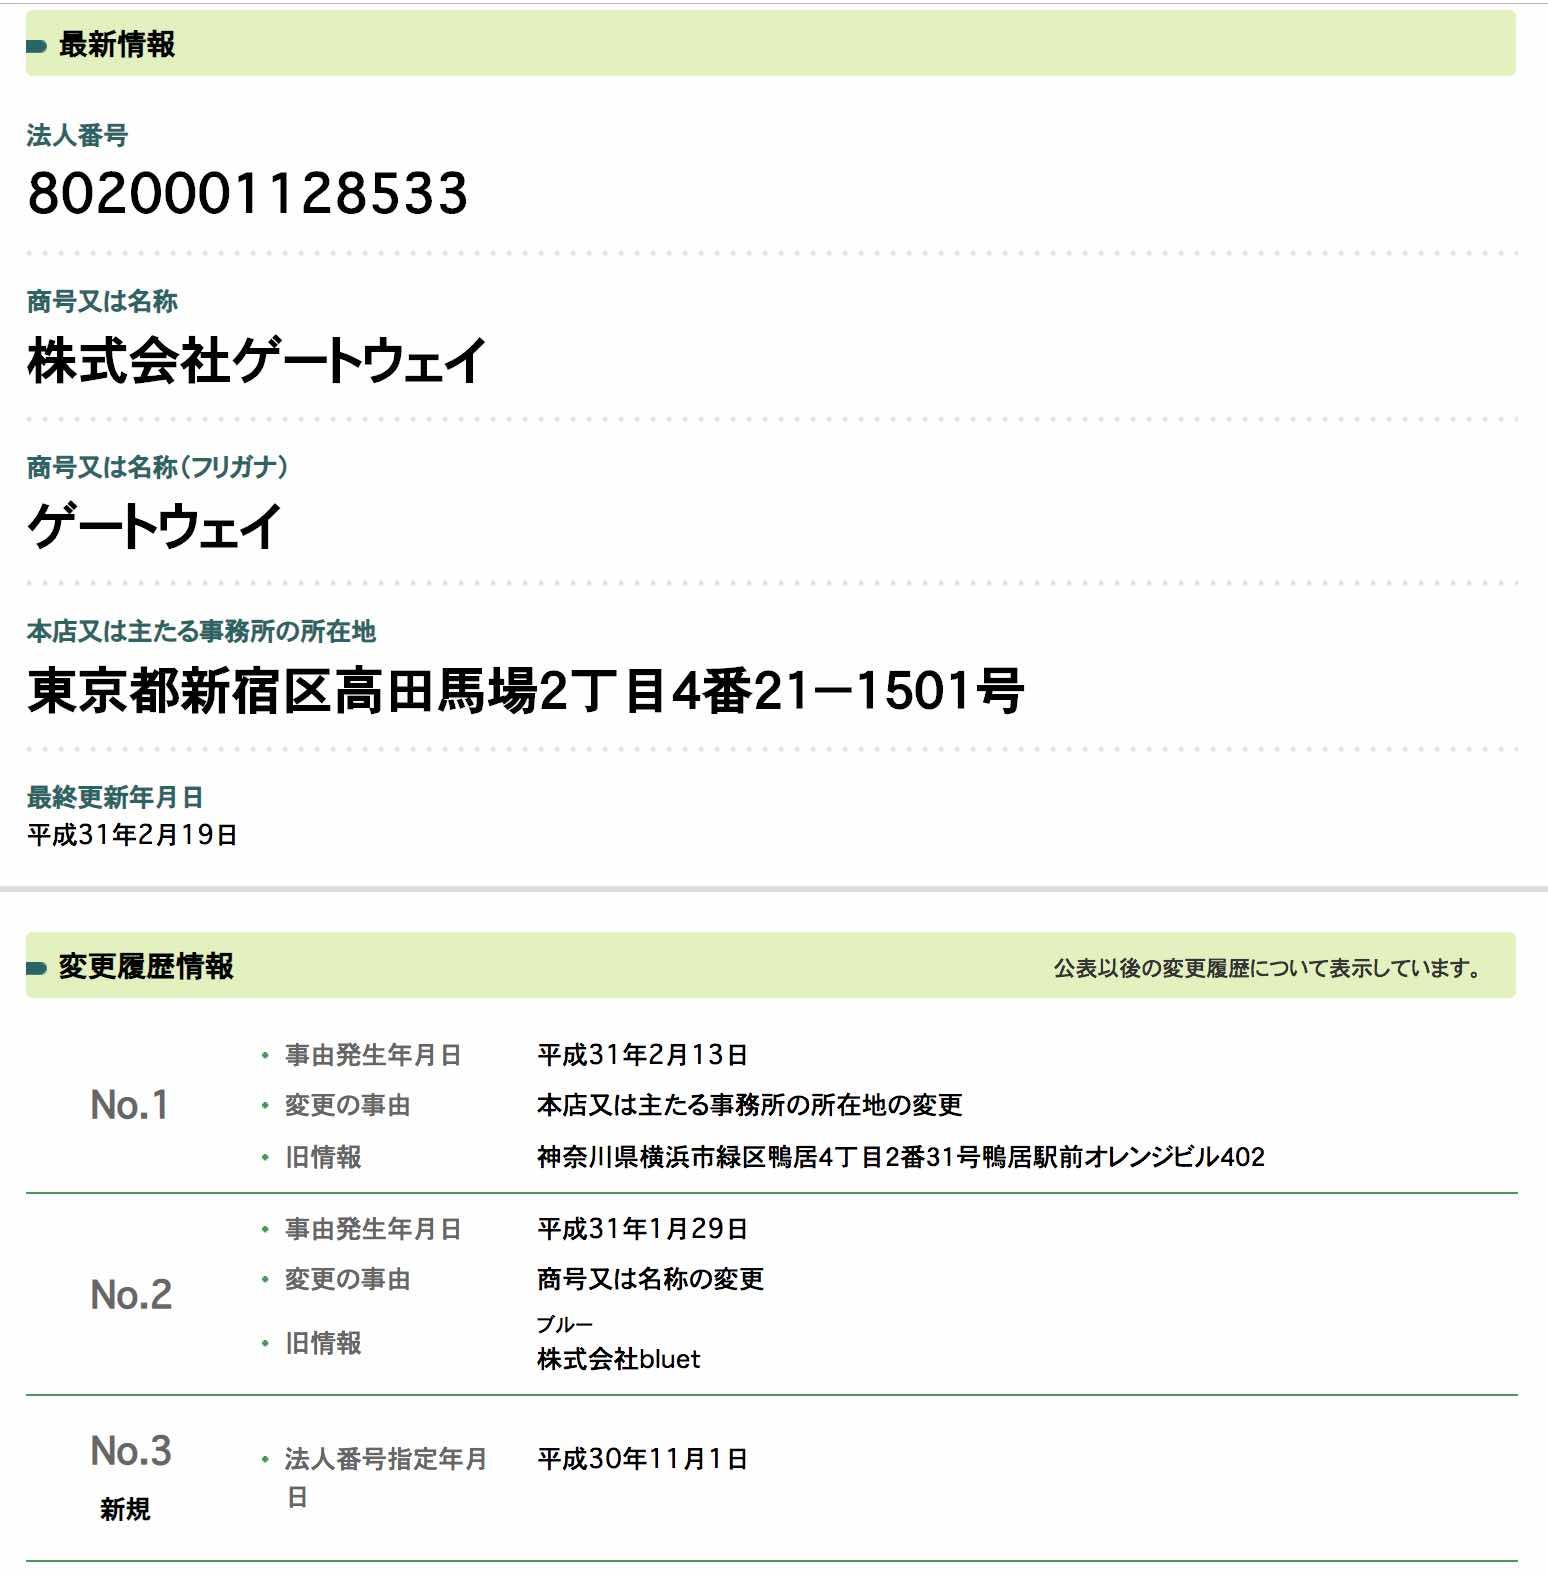 「細川達成のTHE・万馬券!」の運営社、株式会社ゲートウェイを国税庁サイトで発見